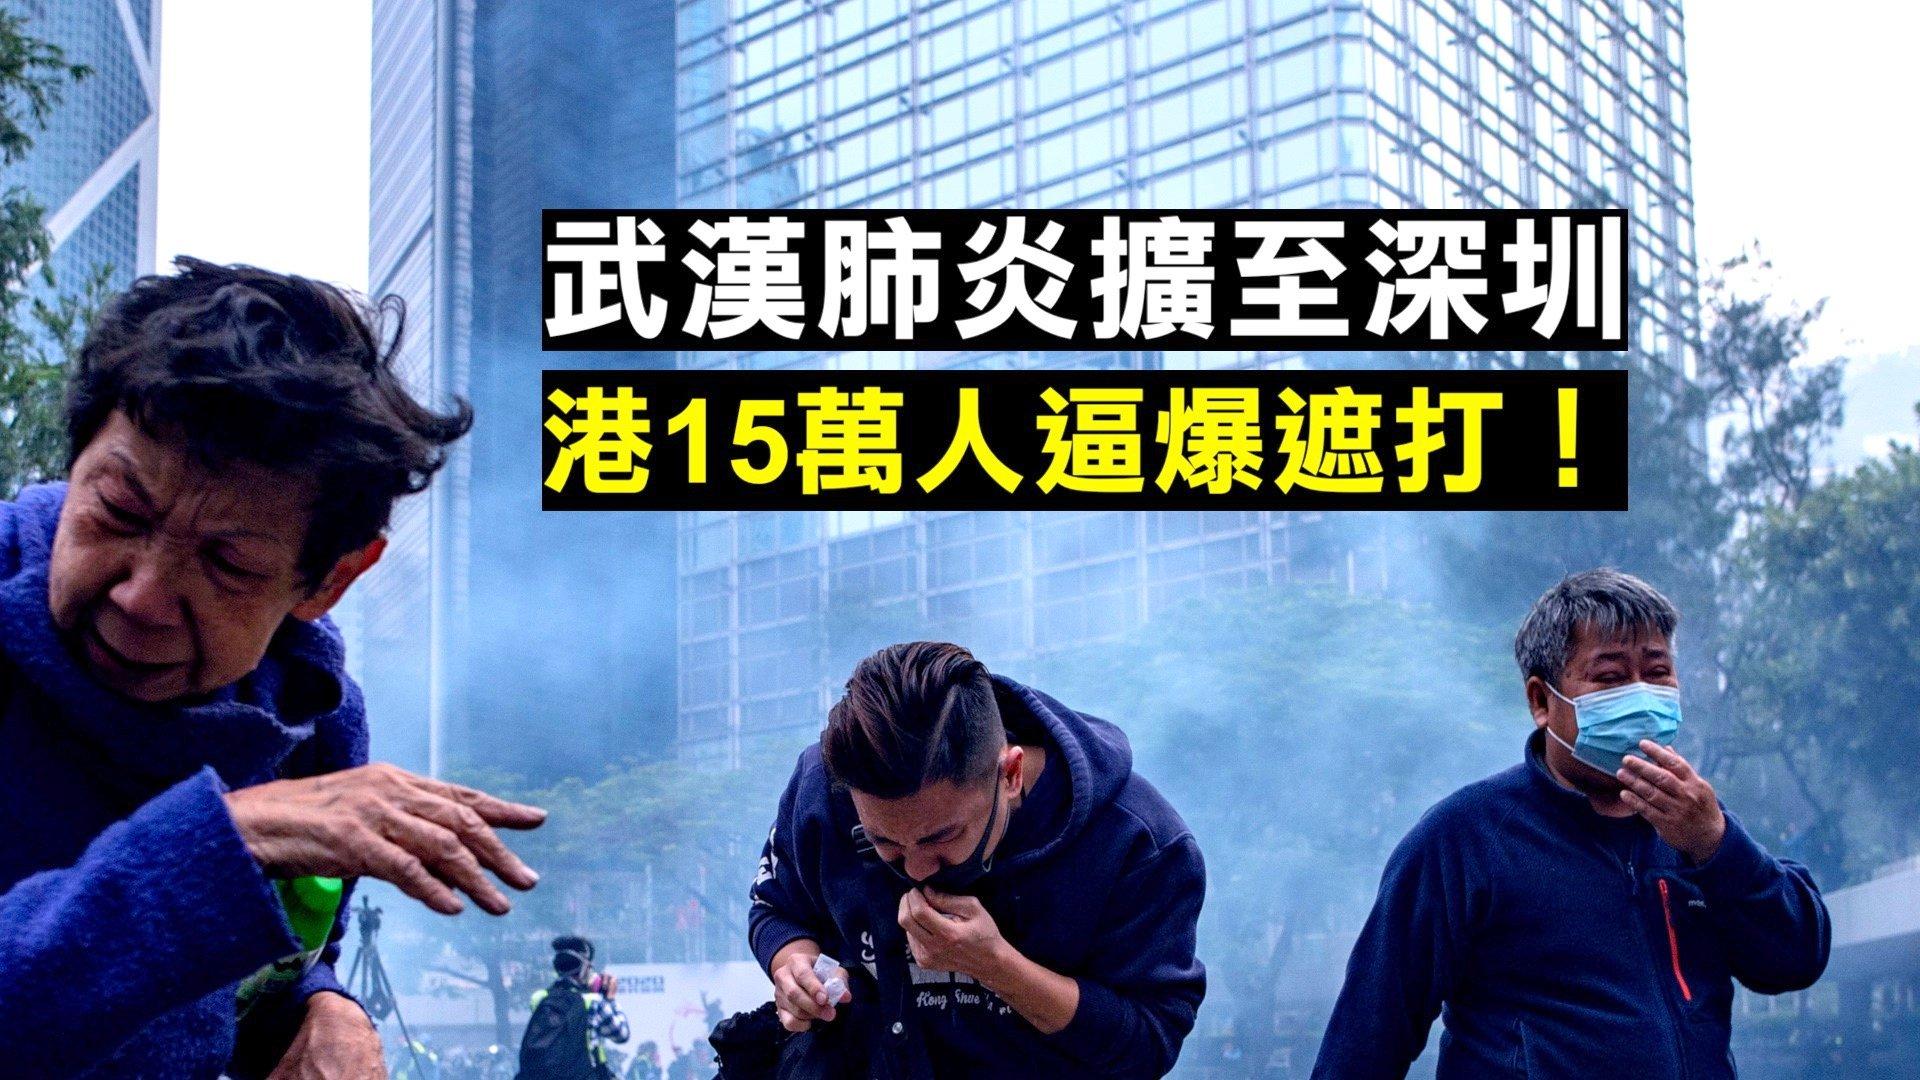 中共肺炎擴散至深圳,香港政治纏鬥持續。(新唐人影片截圖)